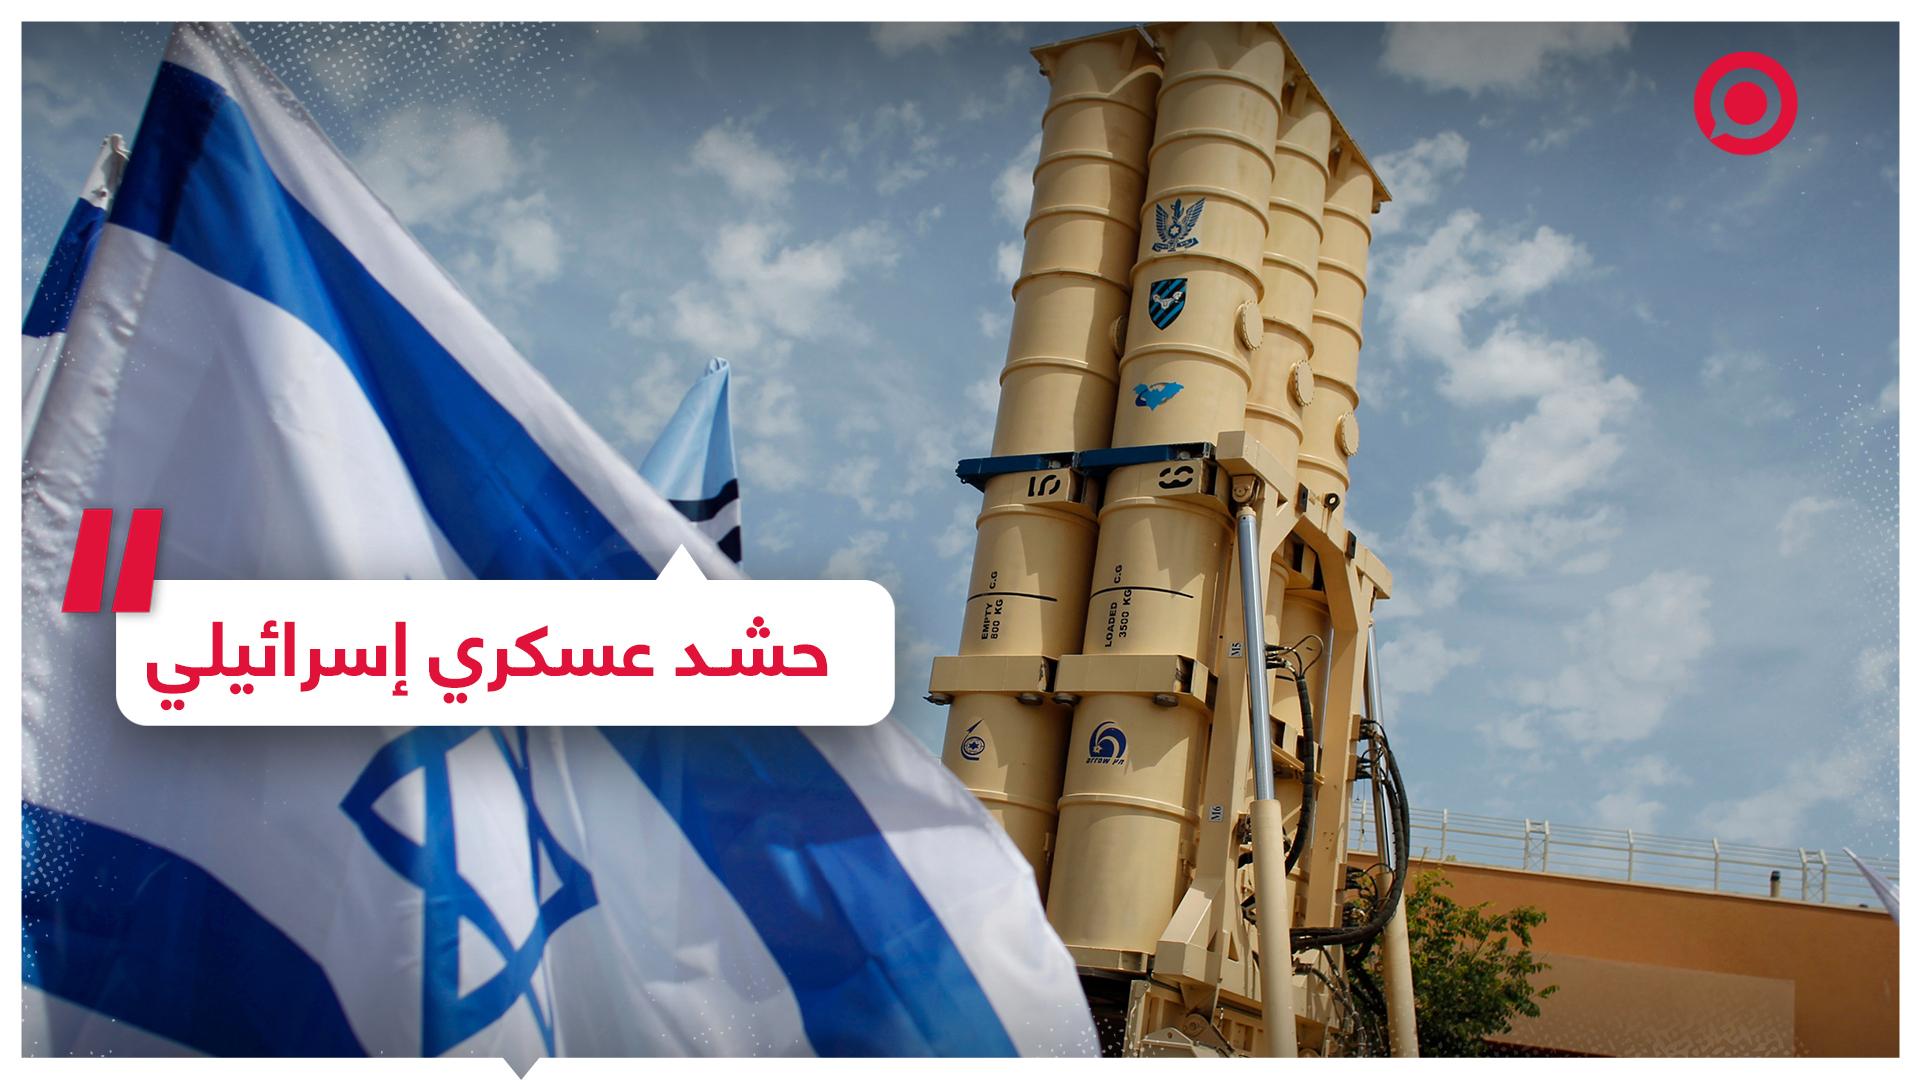 إسرائيل - إيران - صفقات أسلحة - مقاتلات حربية